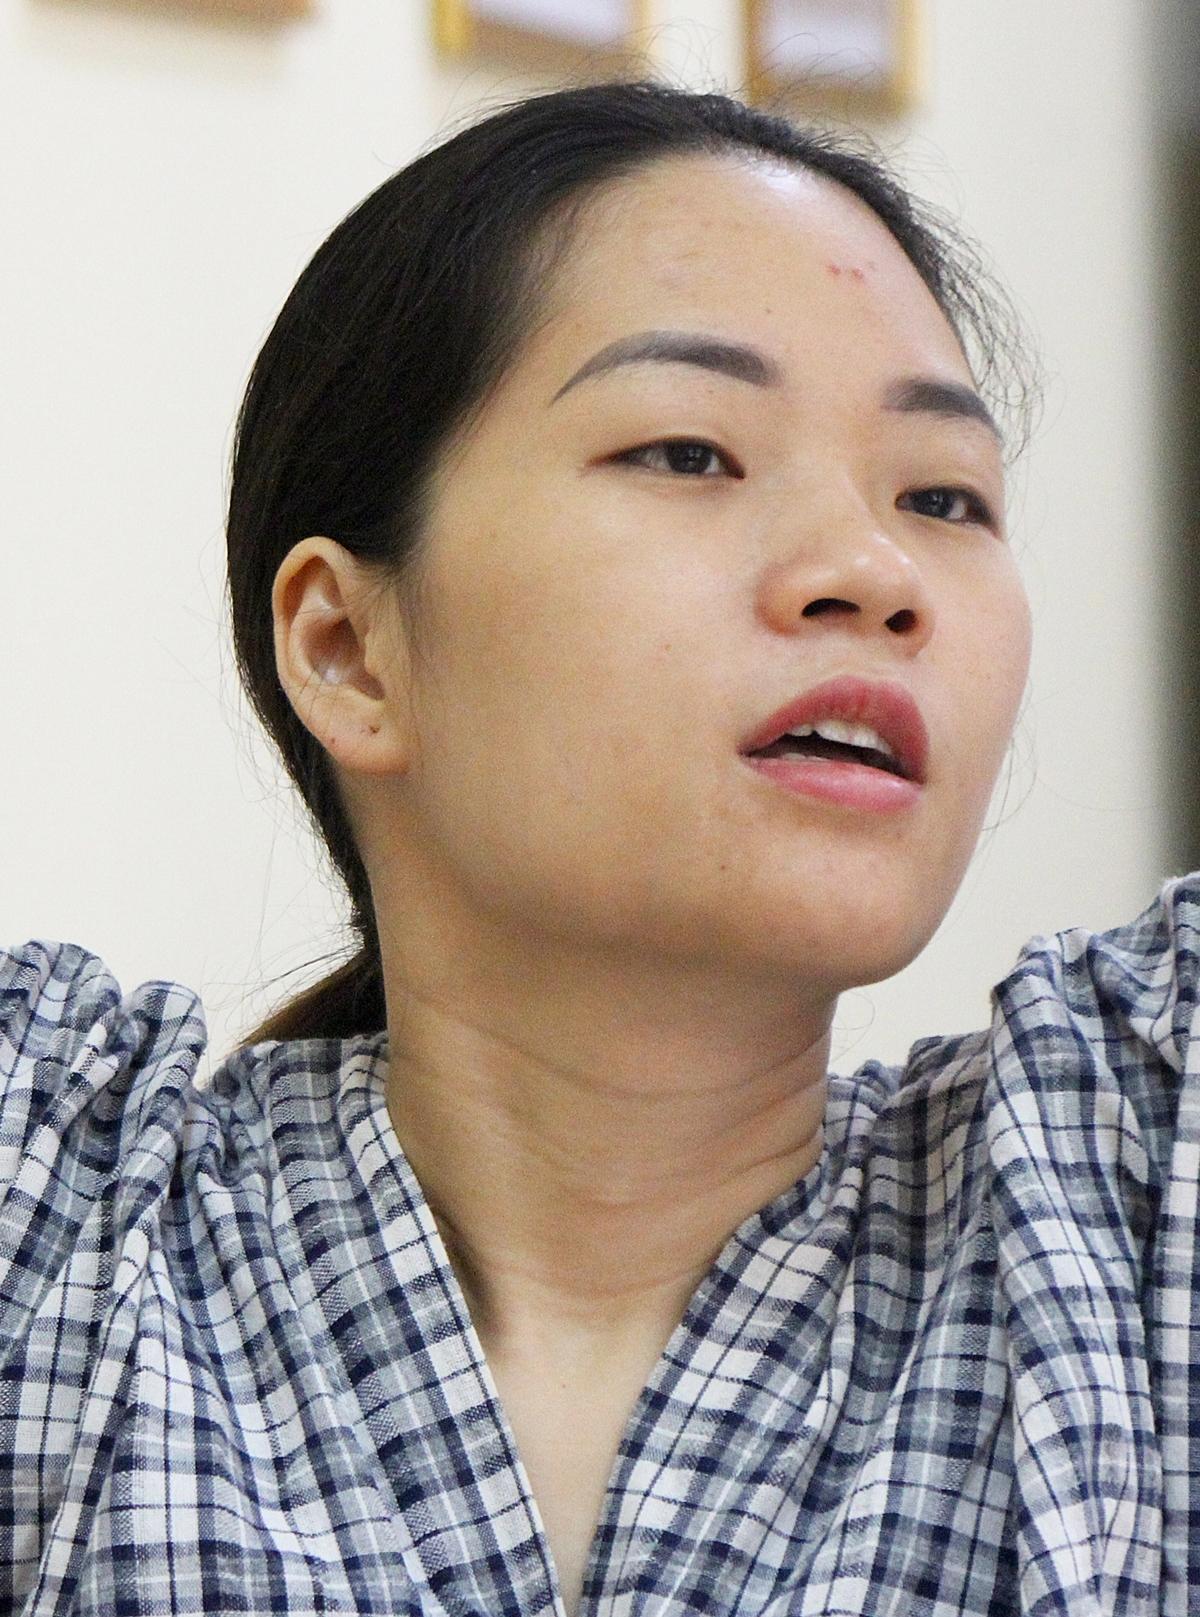 Chị Phú Thị Hạnh tại lớp học nhảy Zumba.